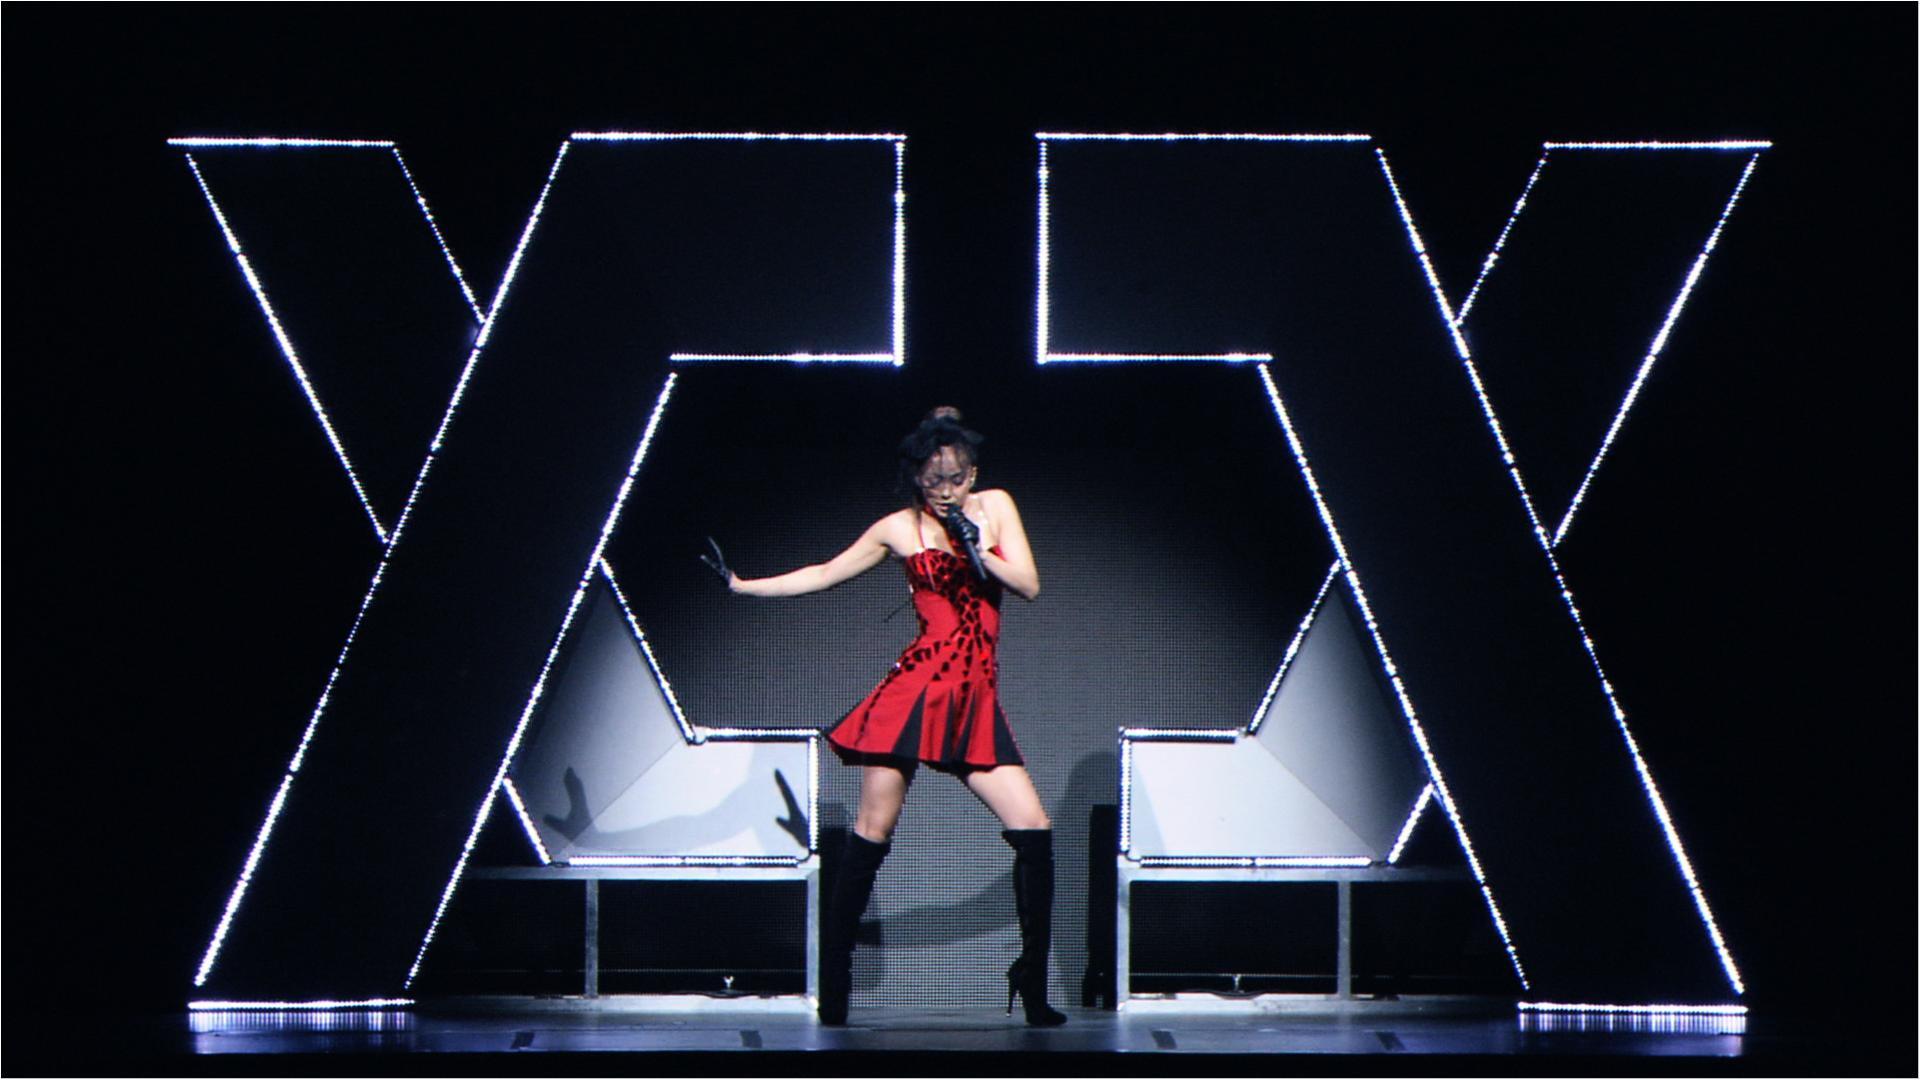 """安室奈美恵さんのツアーファイナルルポ! 彼女のすごさがわかる""""細くて高いもの""""って?_2"""